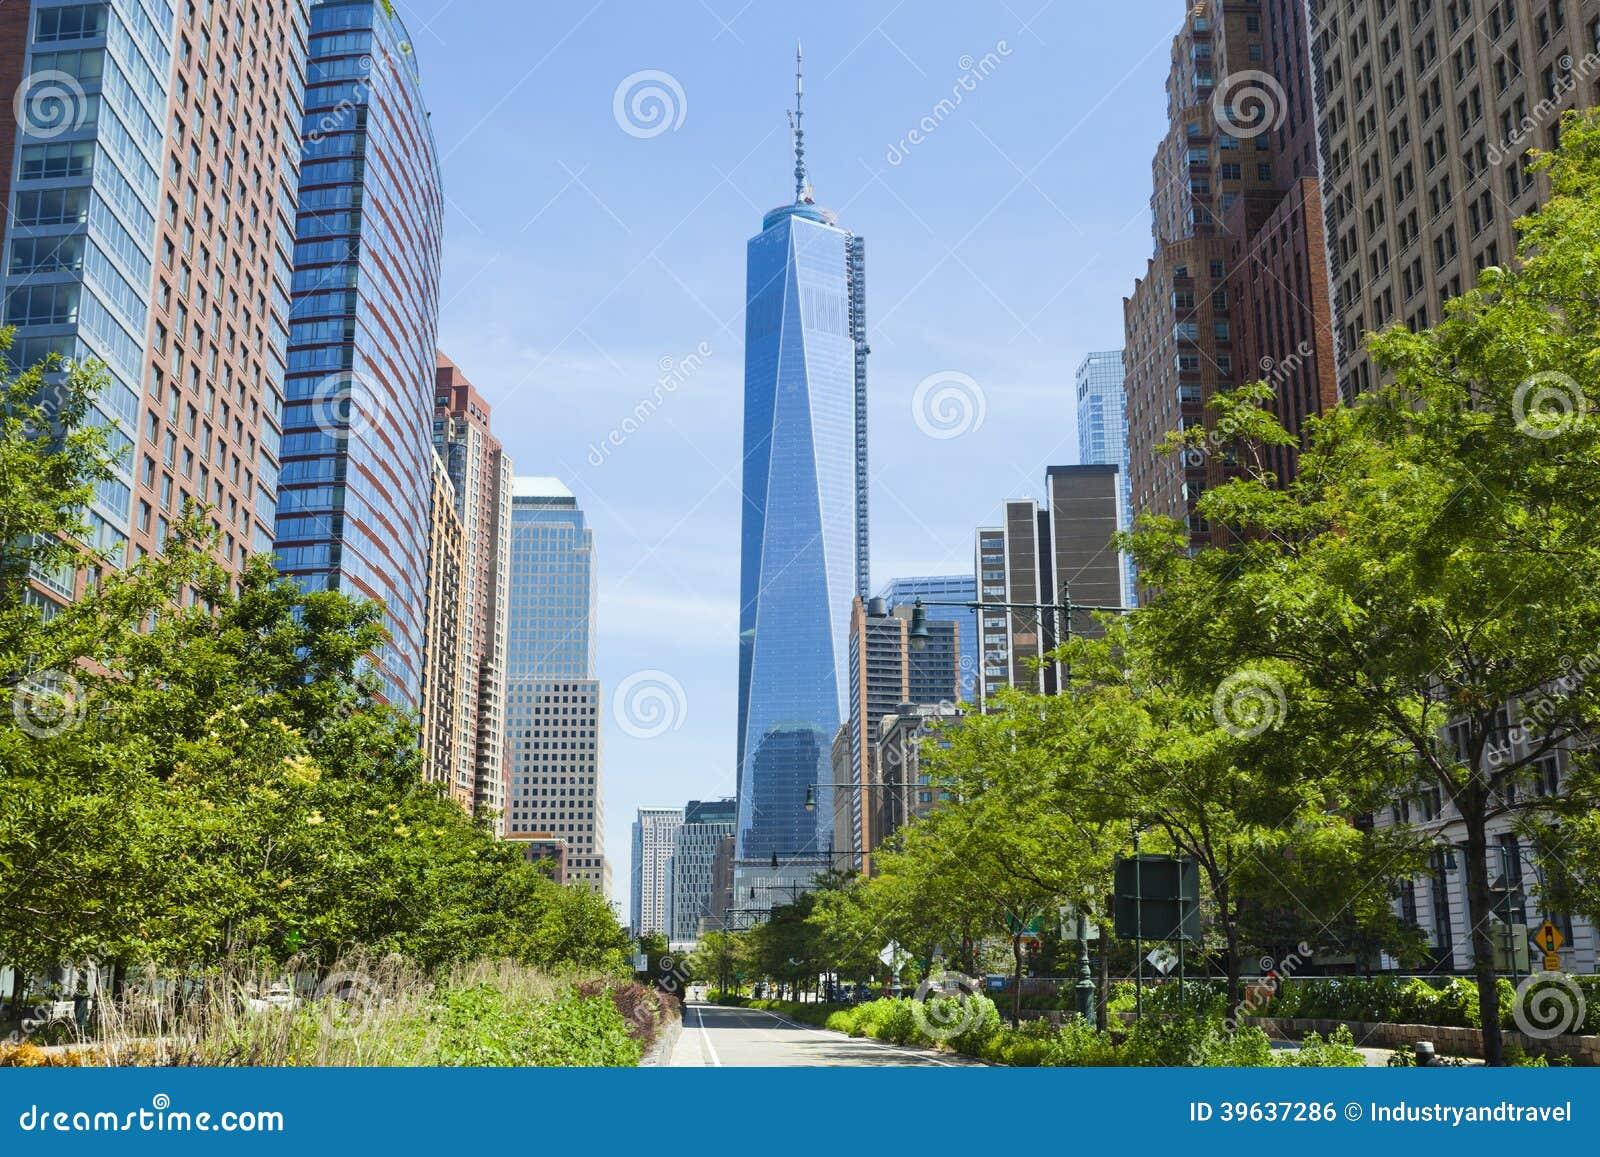 Västra gata och World Trade Center, New York